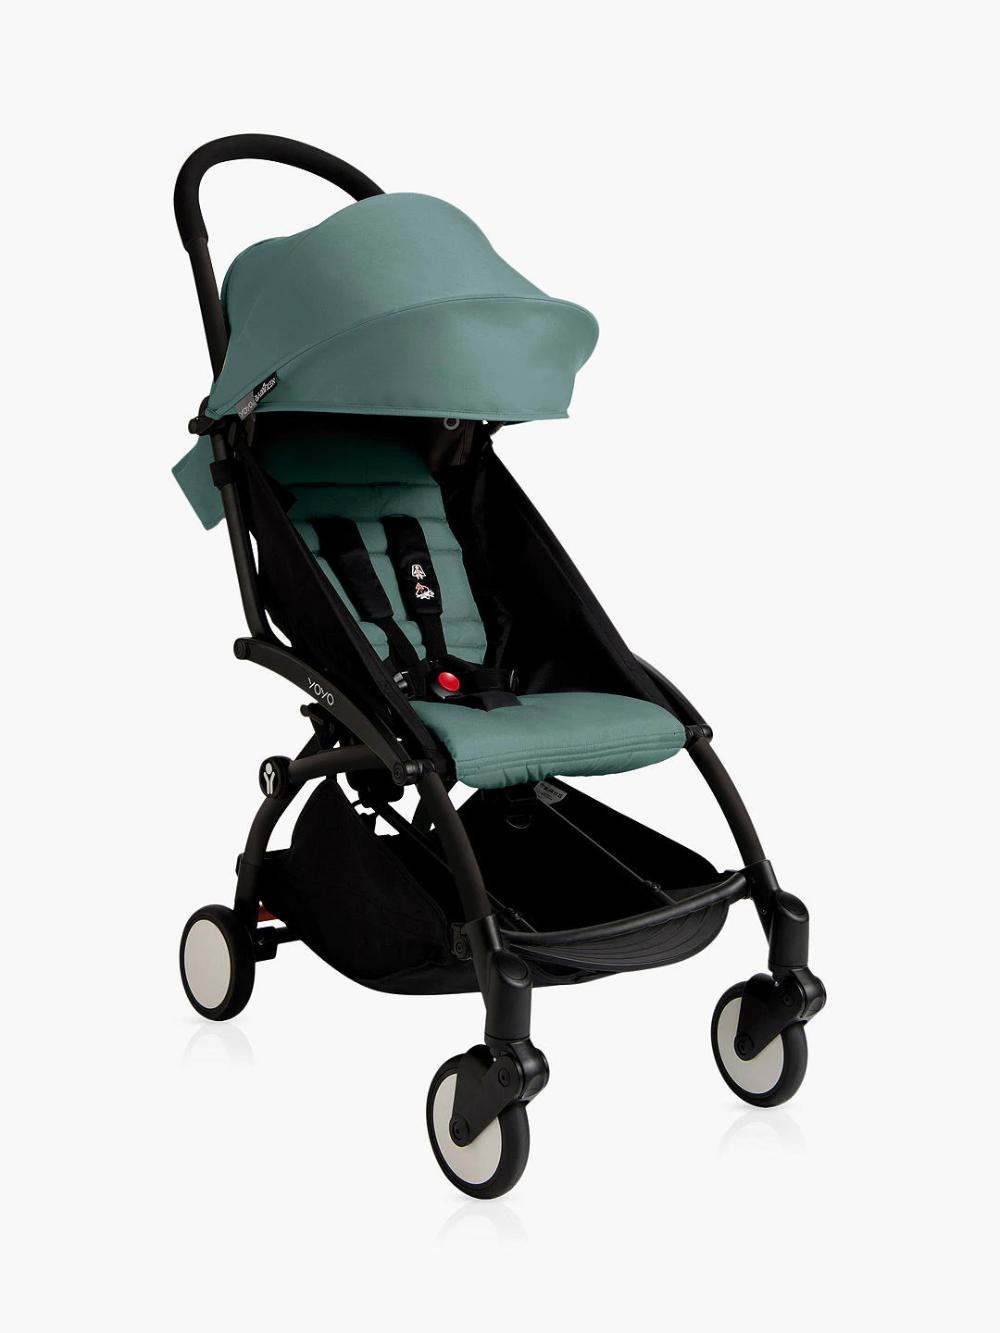 BABYZEN YOYO+ Pushchair, Black/Aqua Yoyo stroller